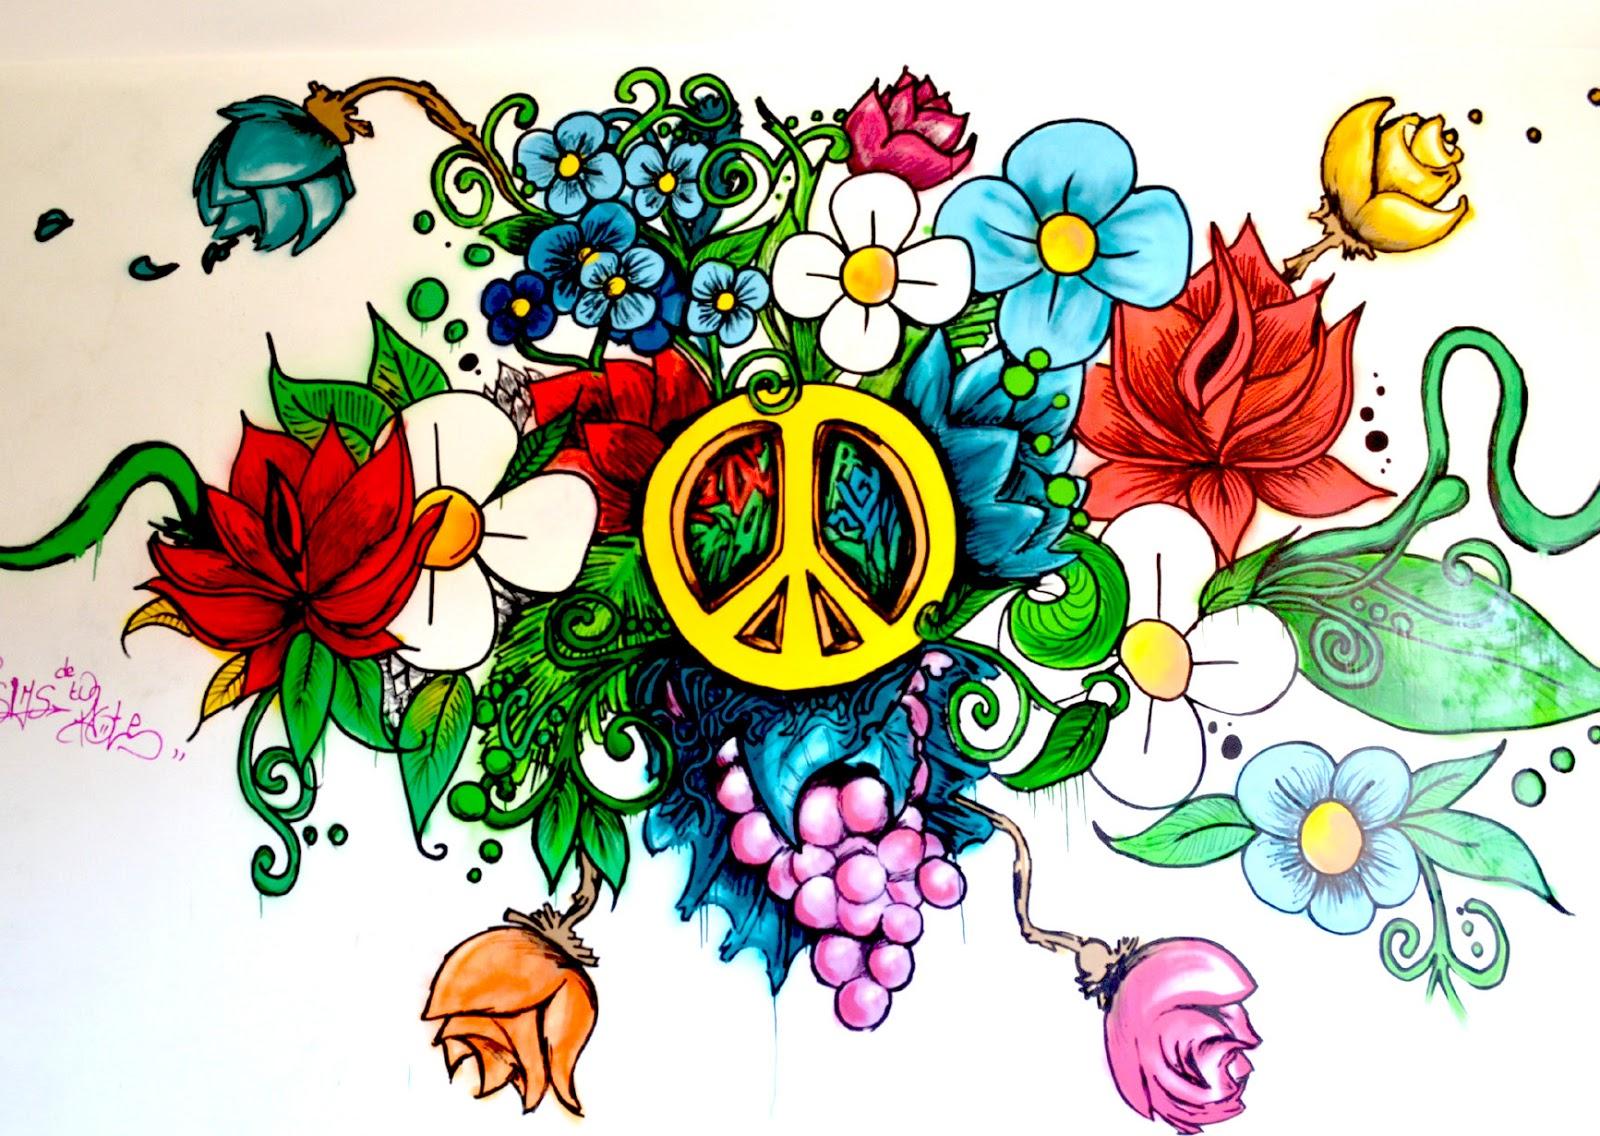 Et si on faisait la paix le petit prince a dit un site pour l 39 autisme - Dessin peace and love ...